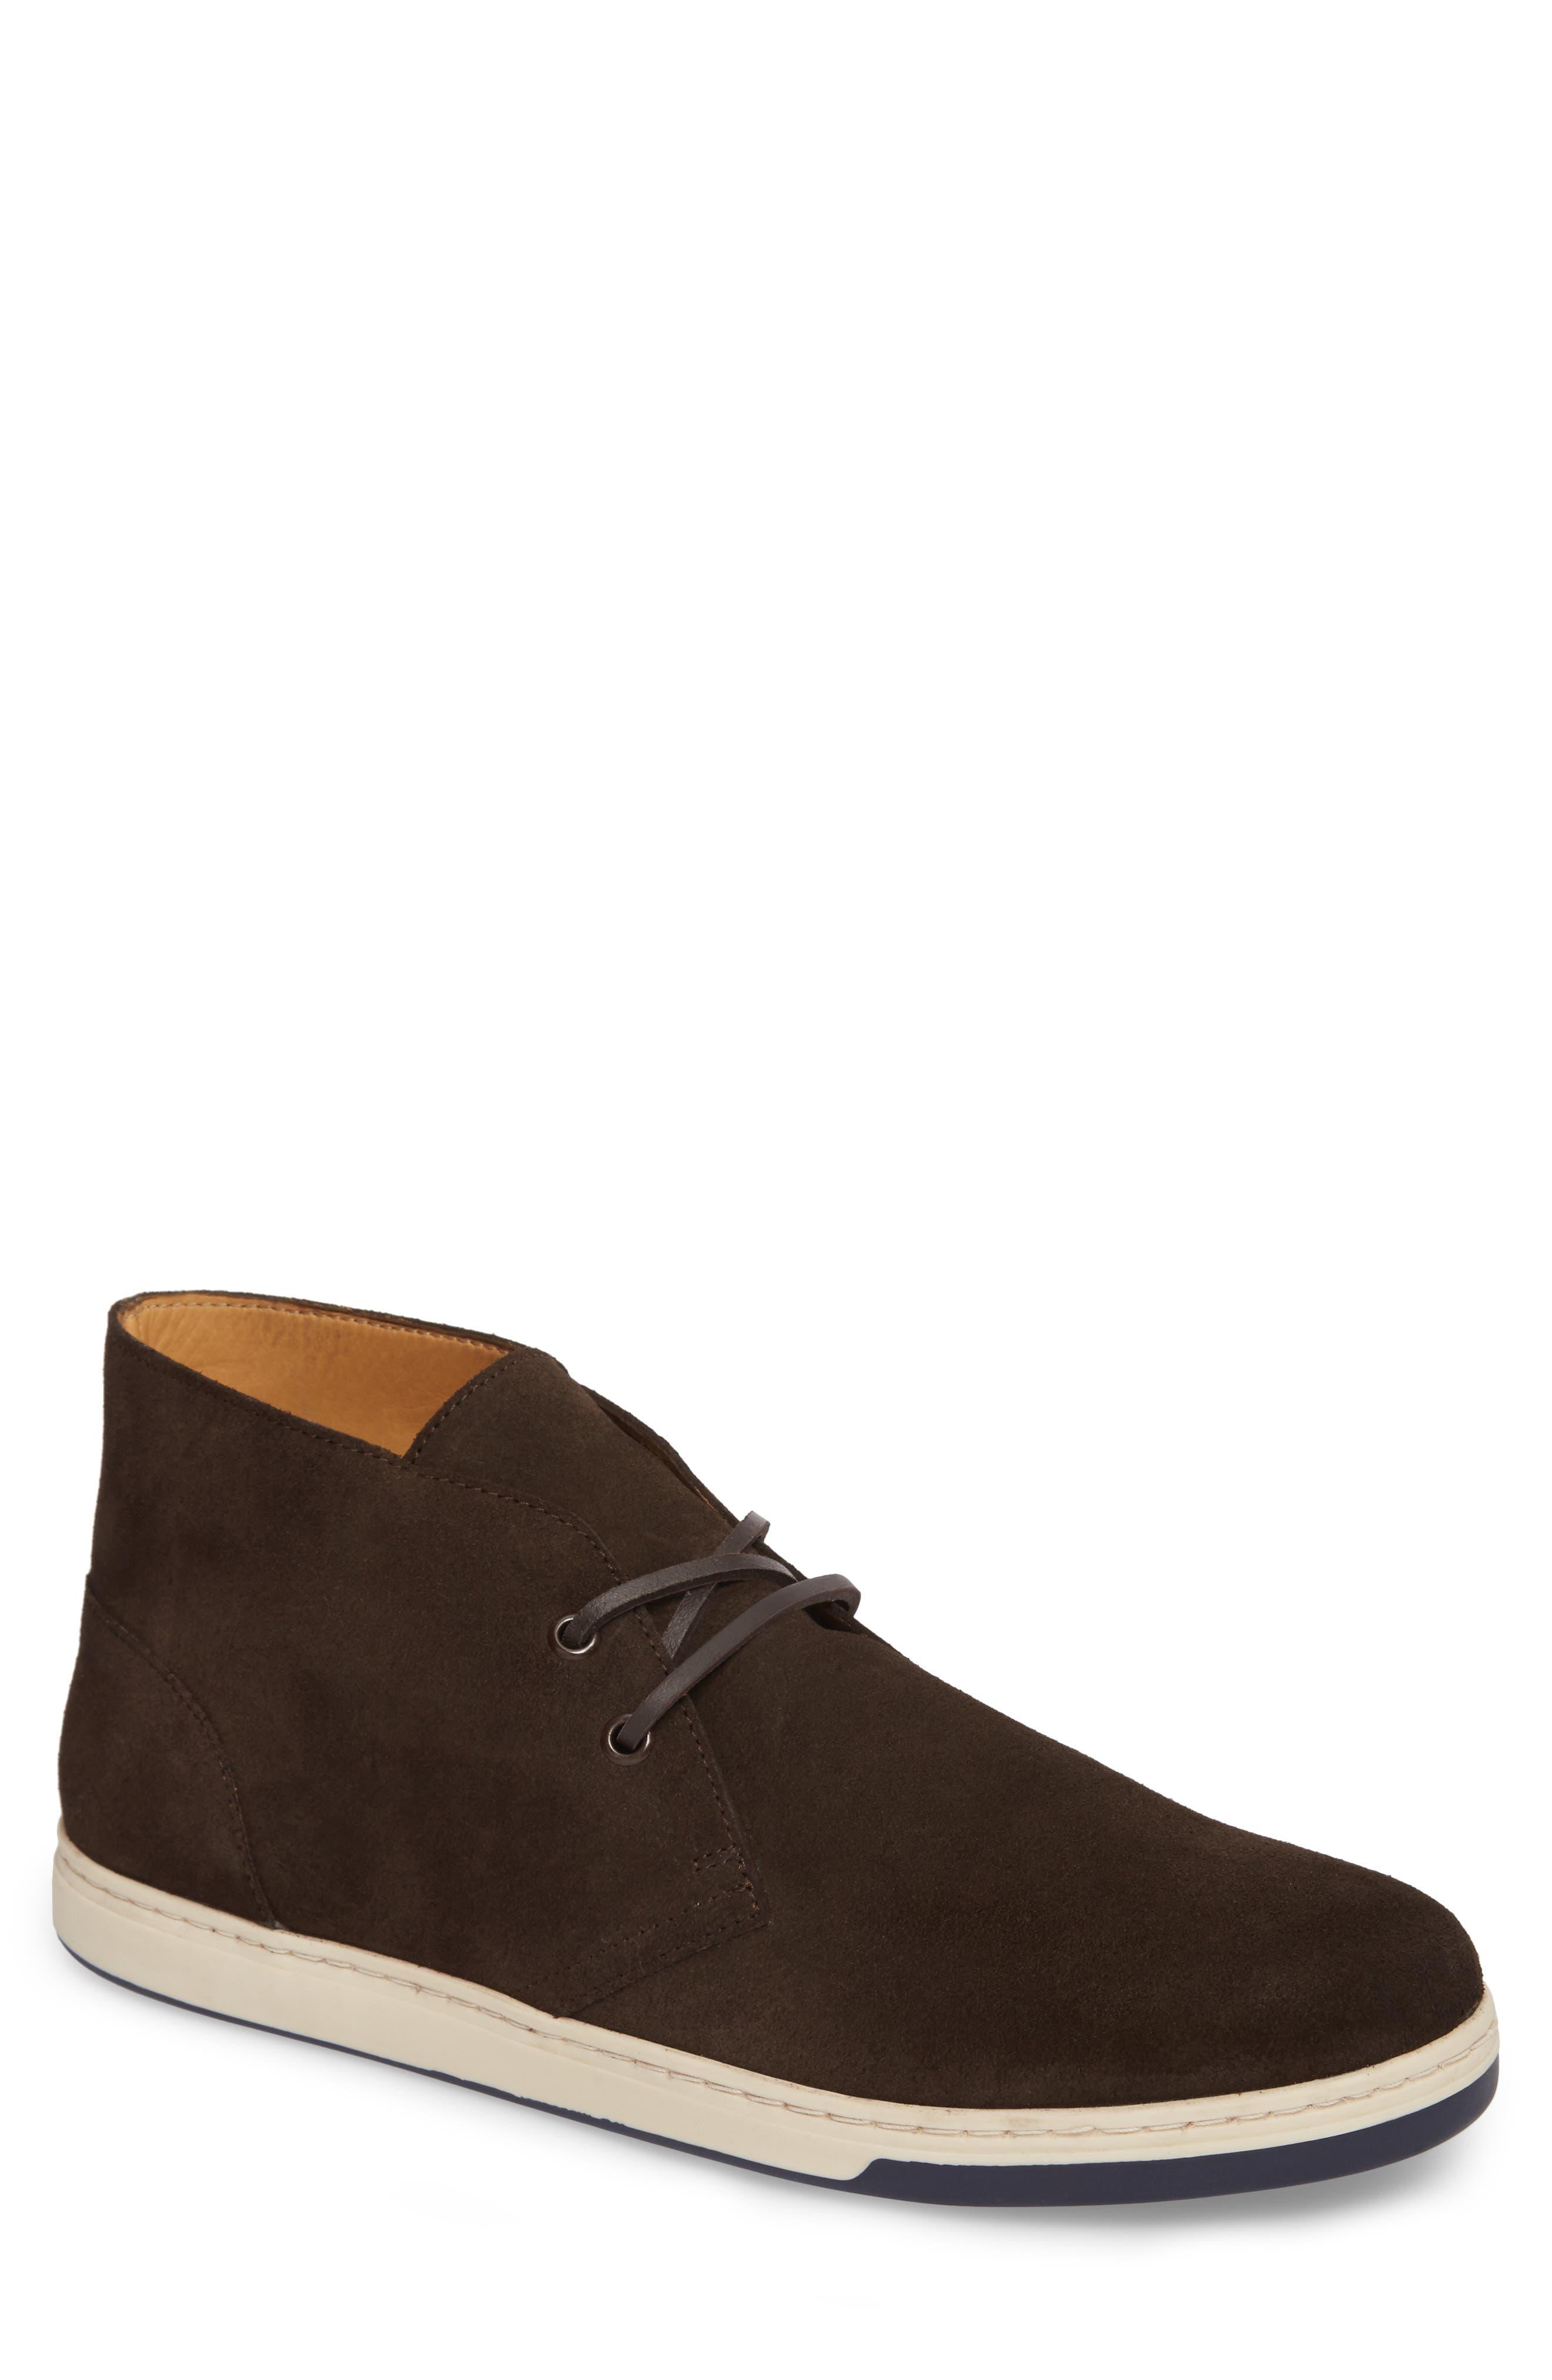 Austen Heller Berkleys Sneaker (Men)